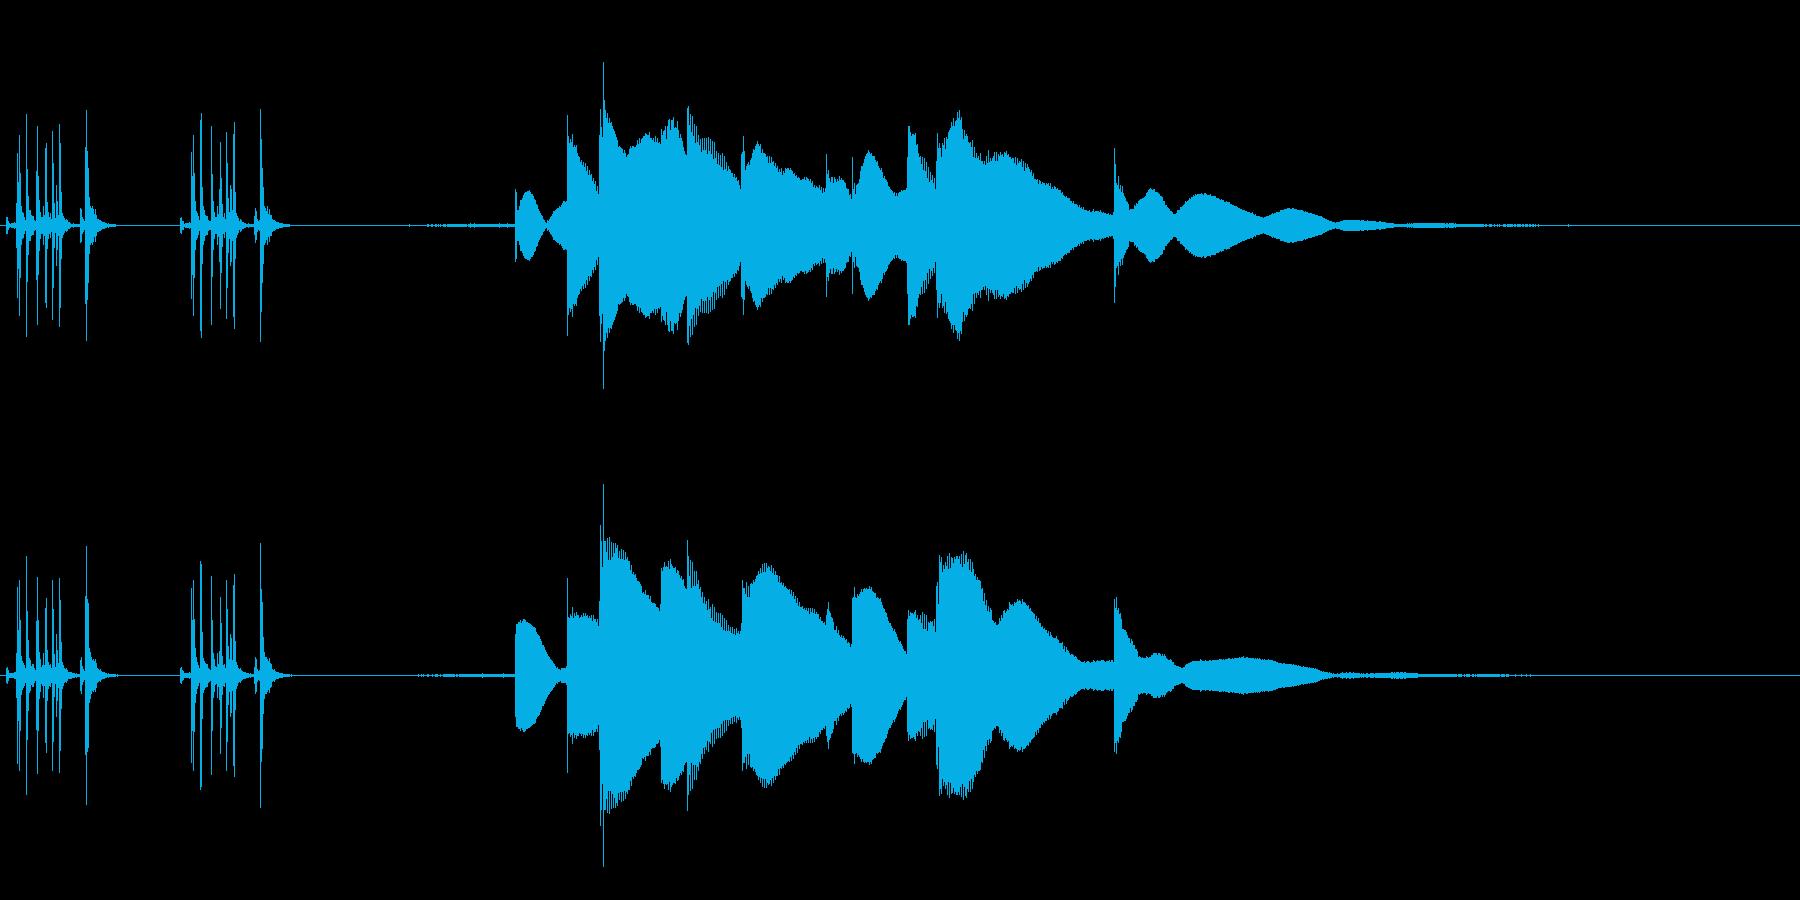 ジングル用オルゴール楽曲11-1の再生済みの波形